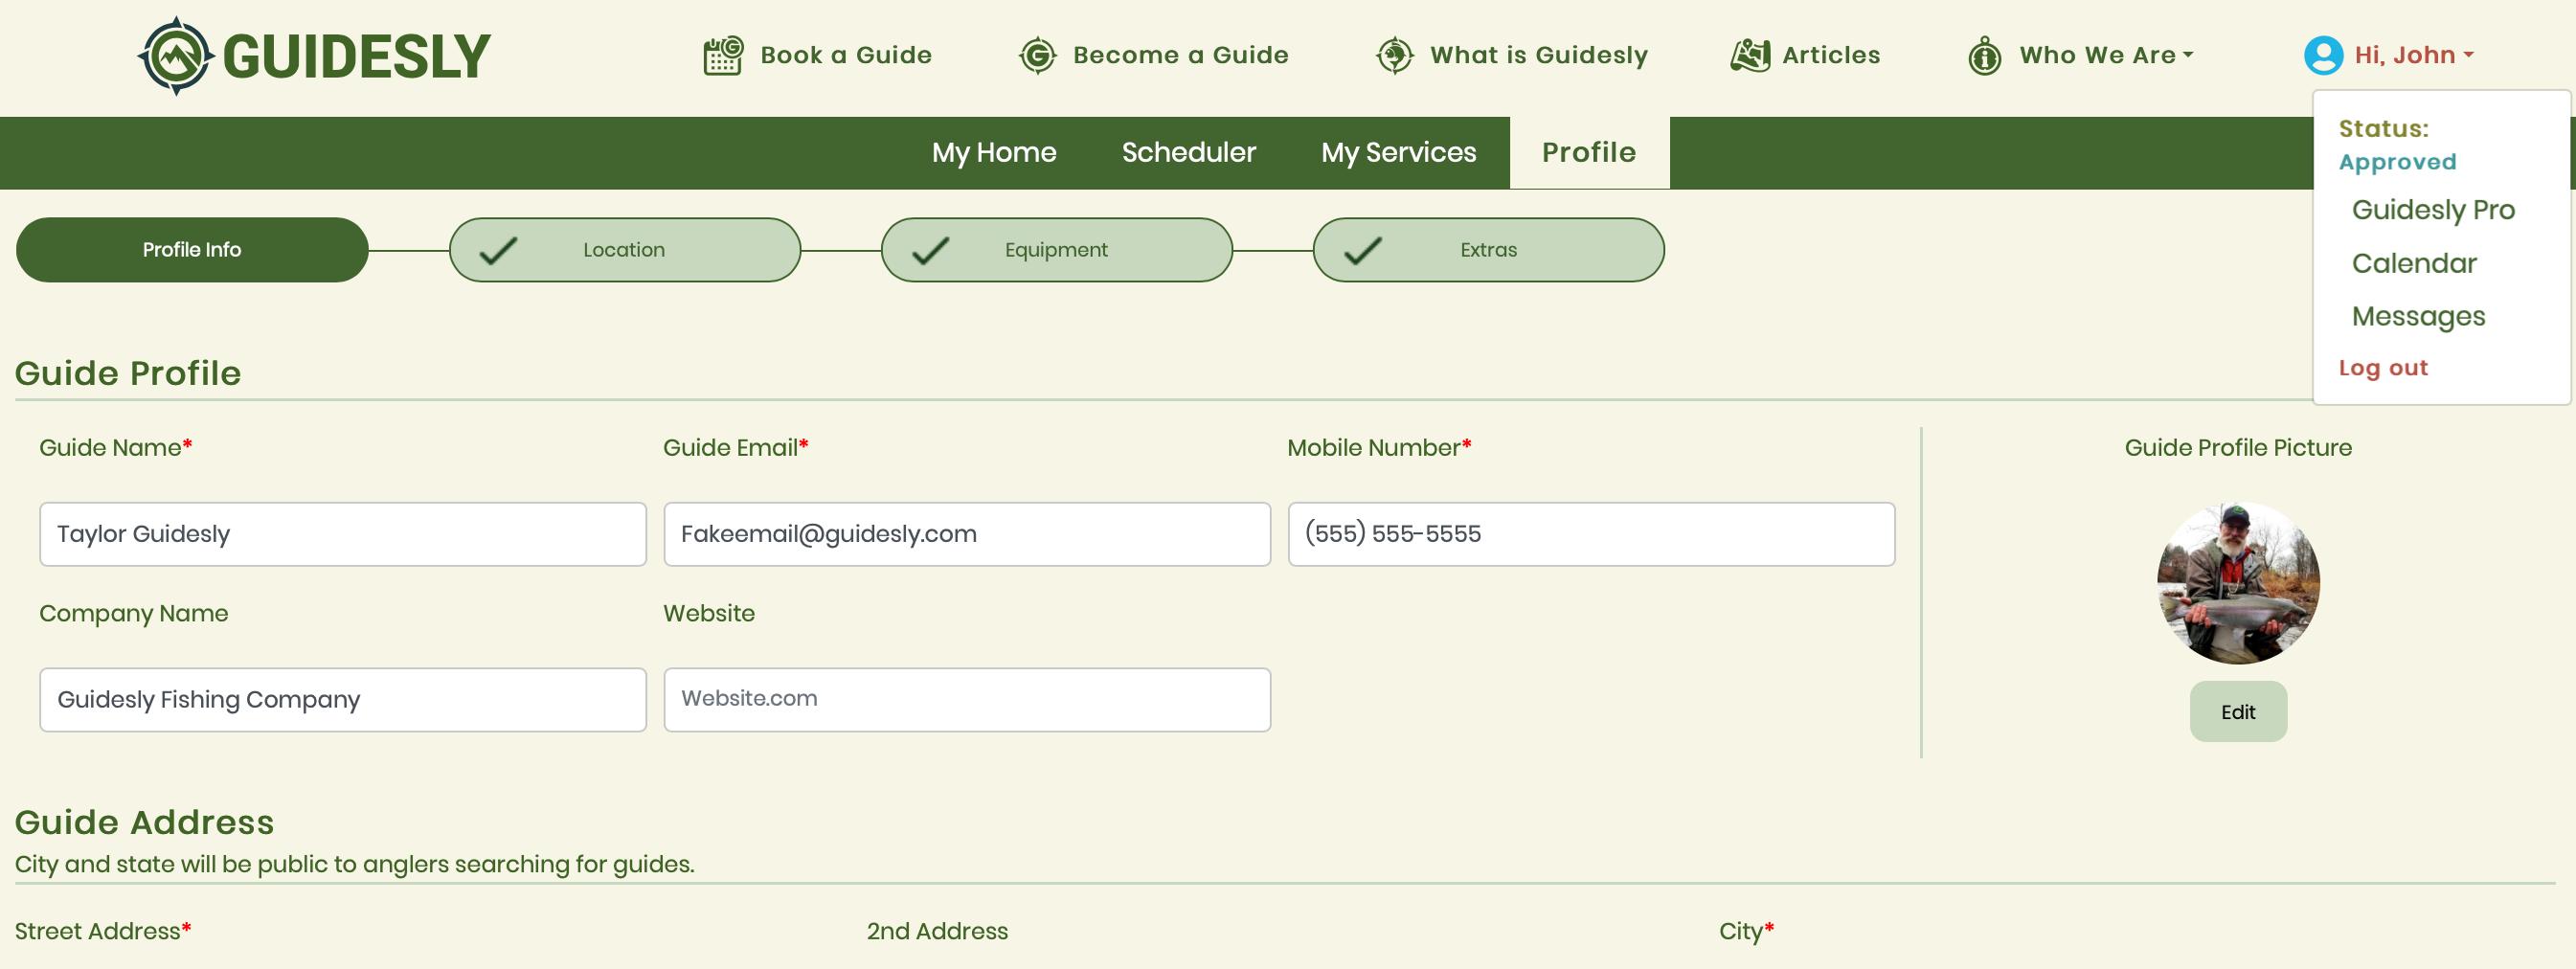 Web Profile Location